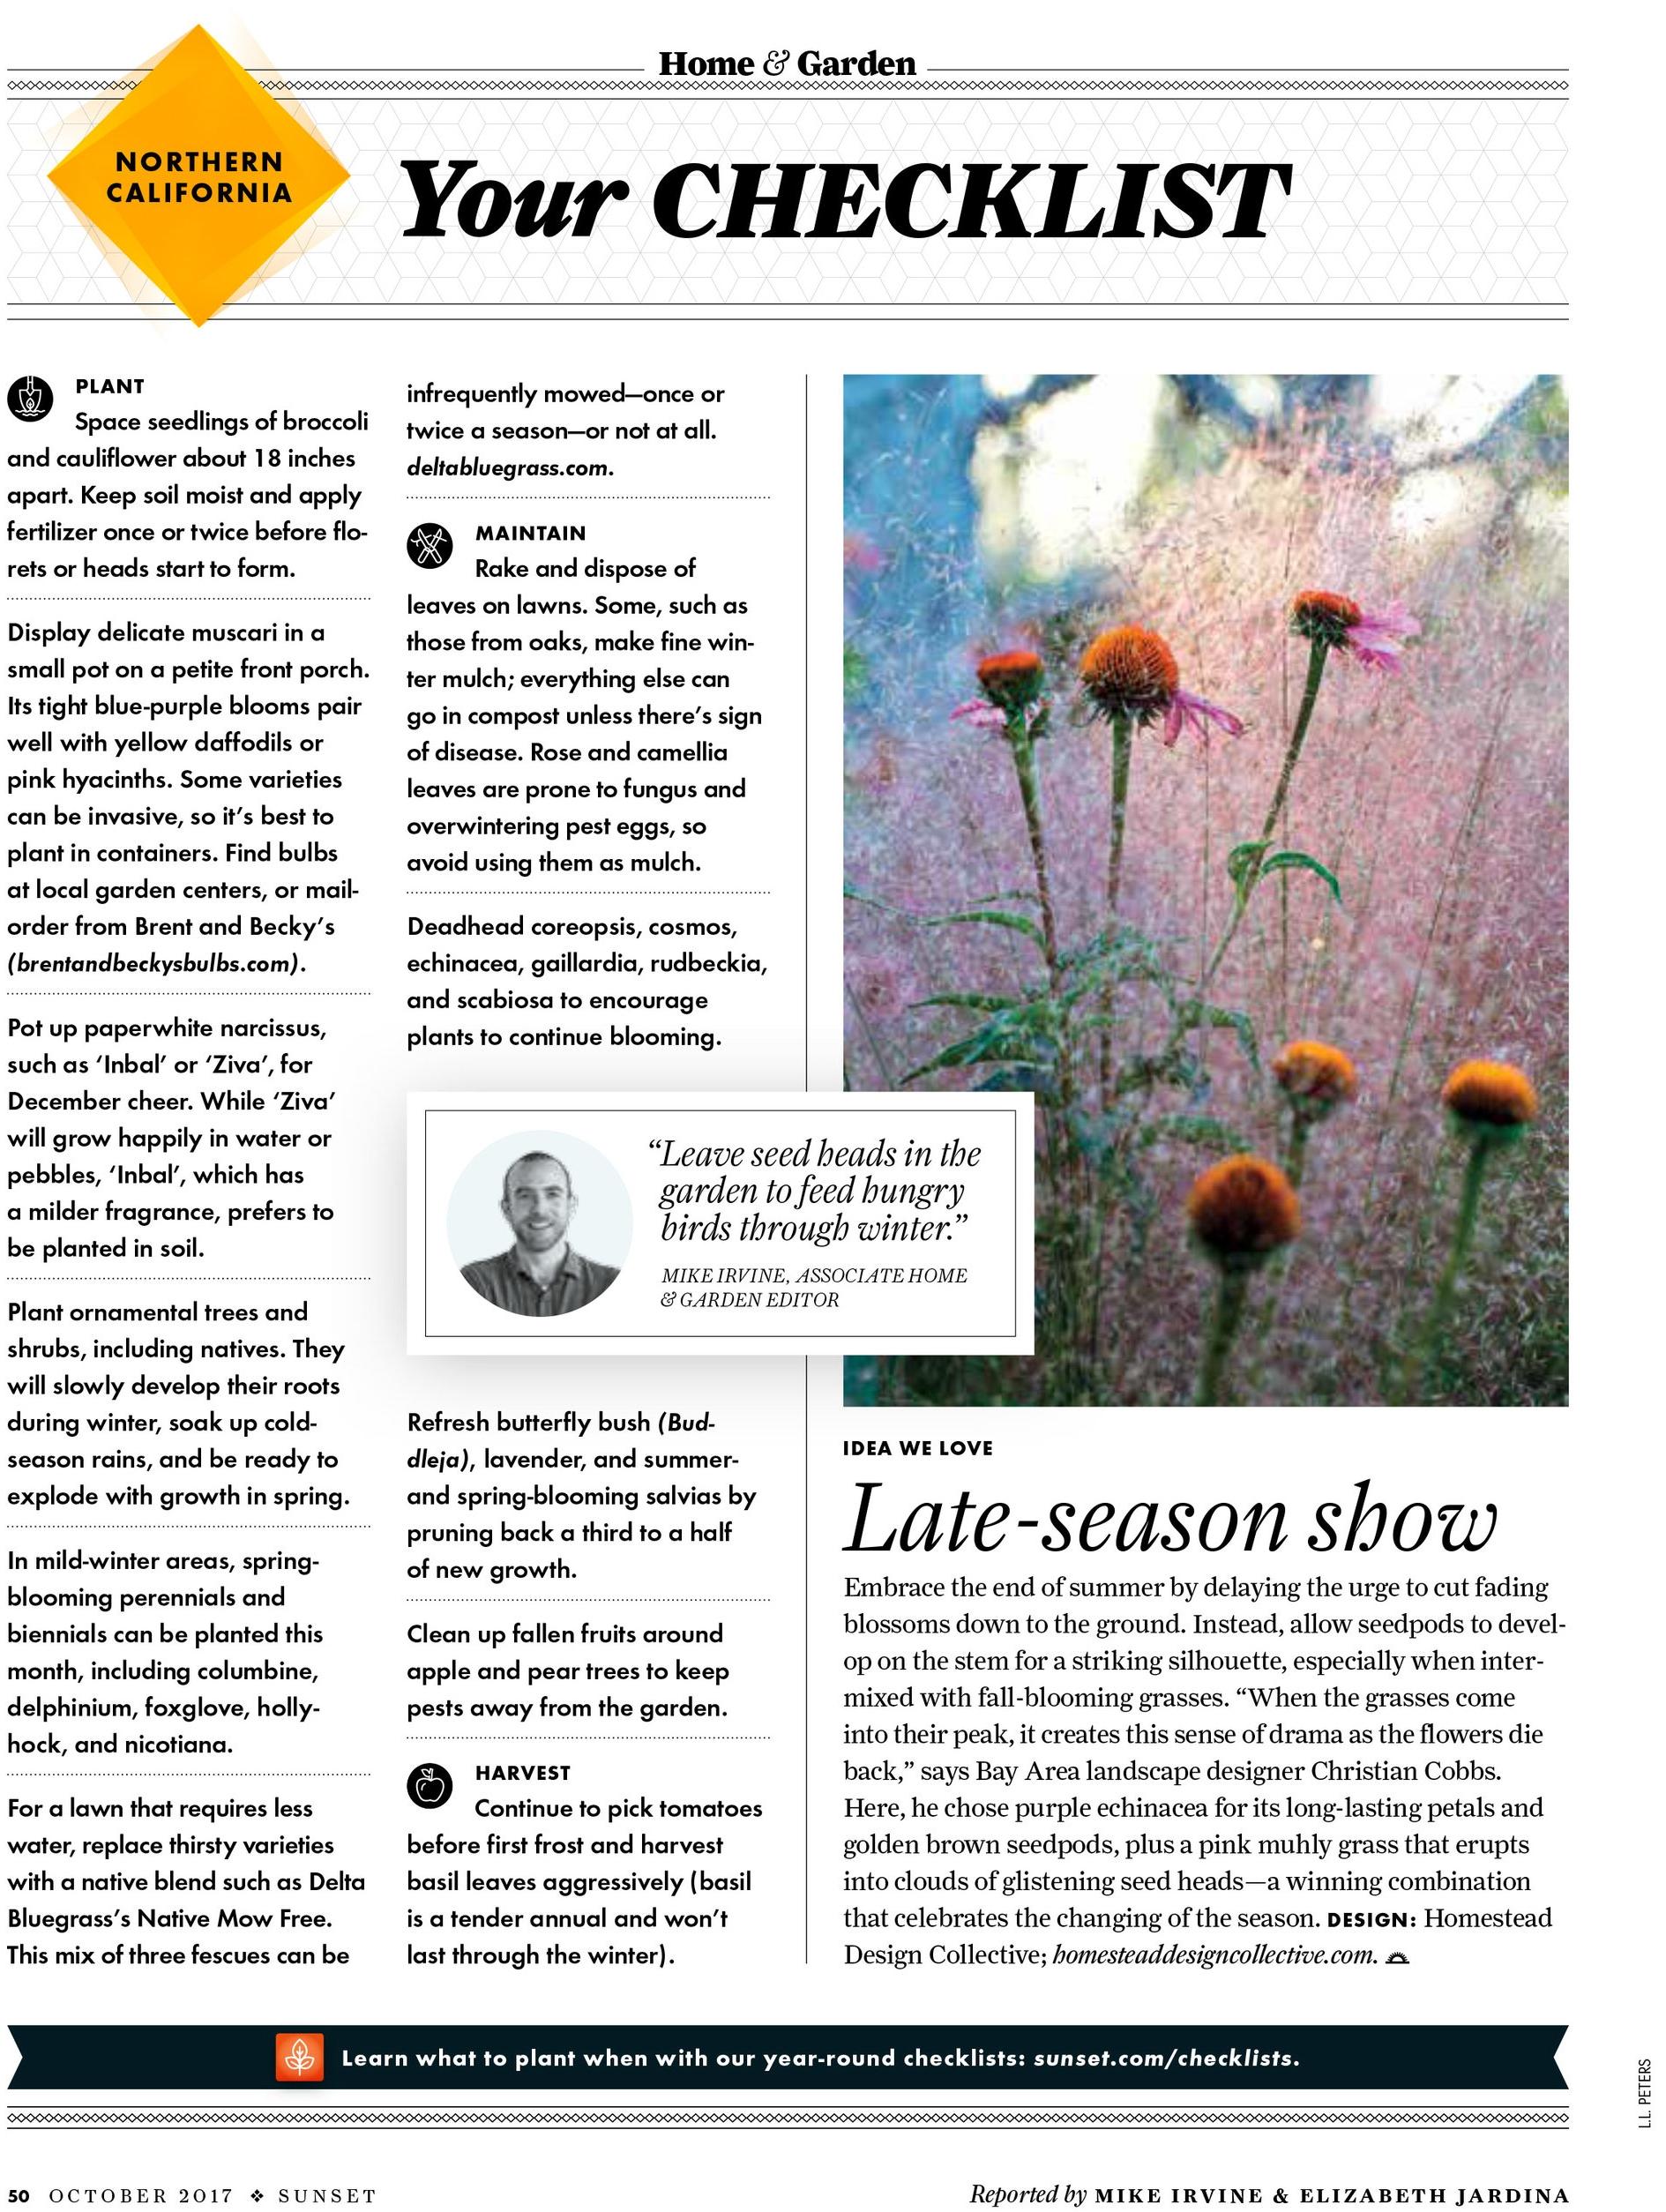 NorCal Oct Garden Checklist.jpg